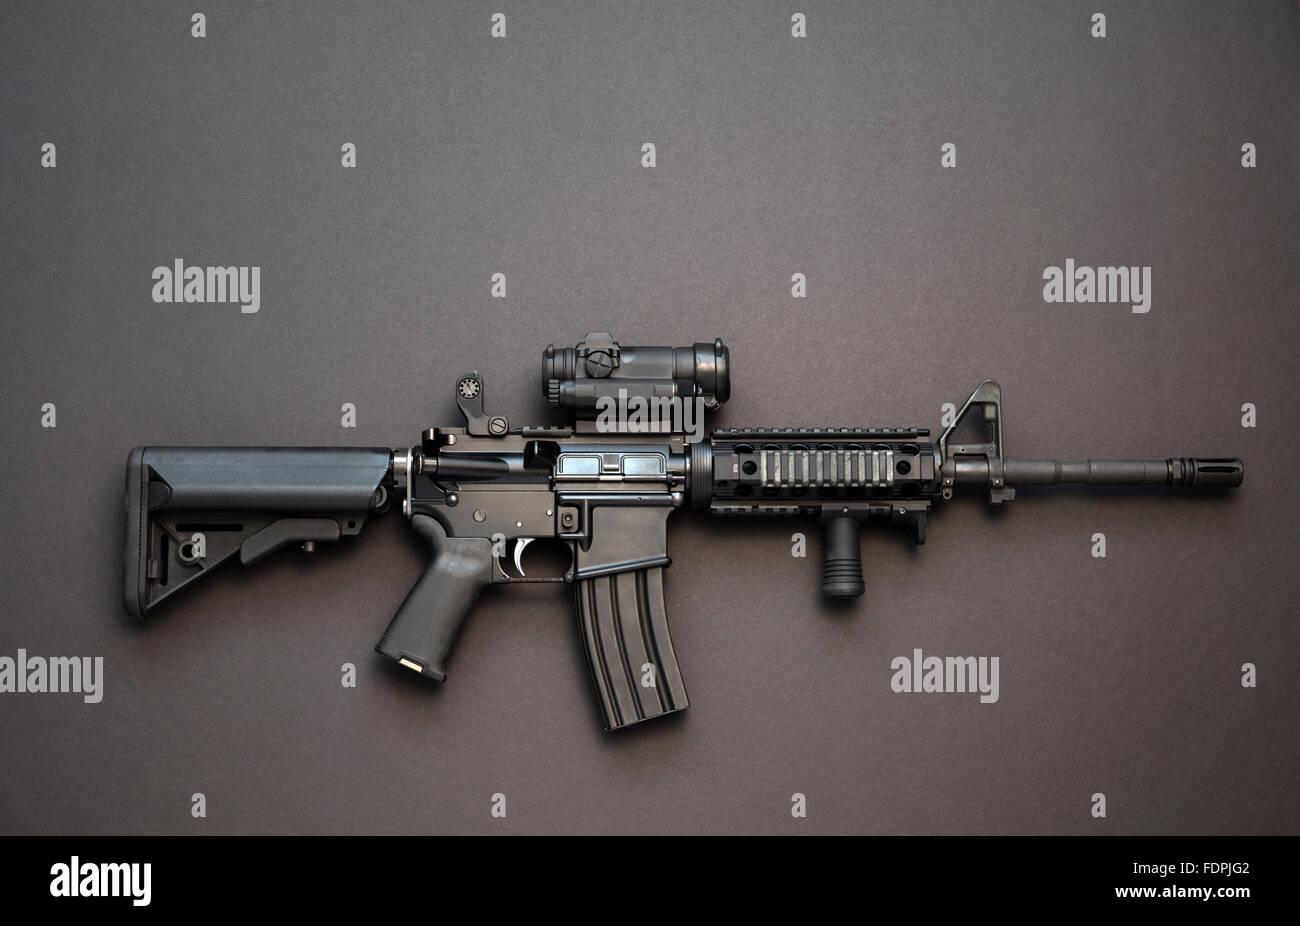 Rifle de asalto AR-15 con cargador de gran capacidad óptica y red dot del tipo que los partidarios del control Imagen De Stock